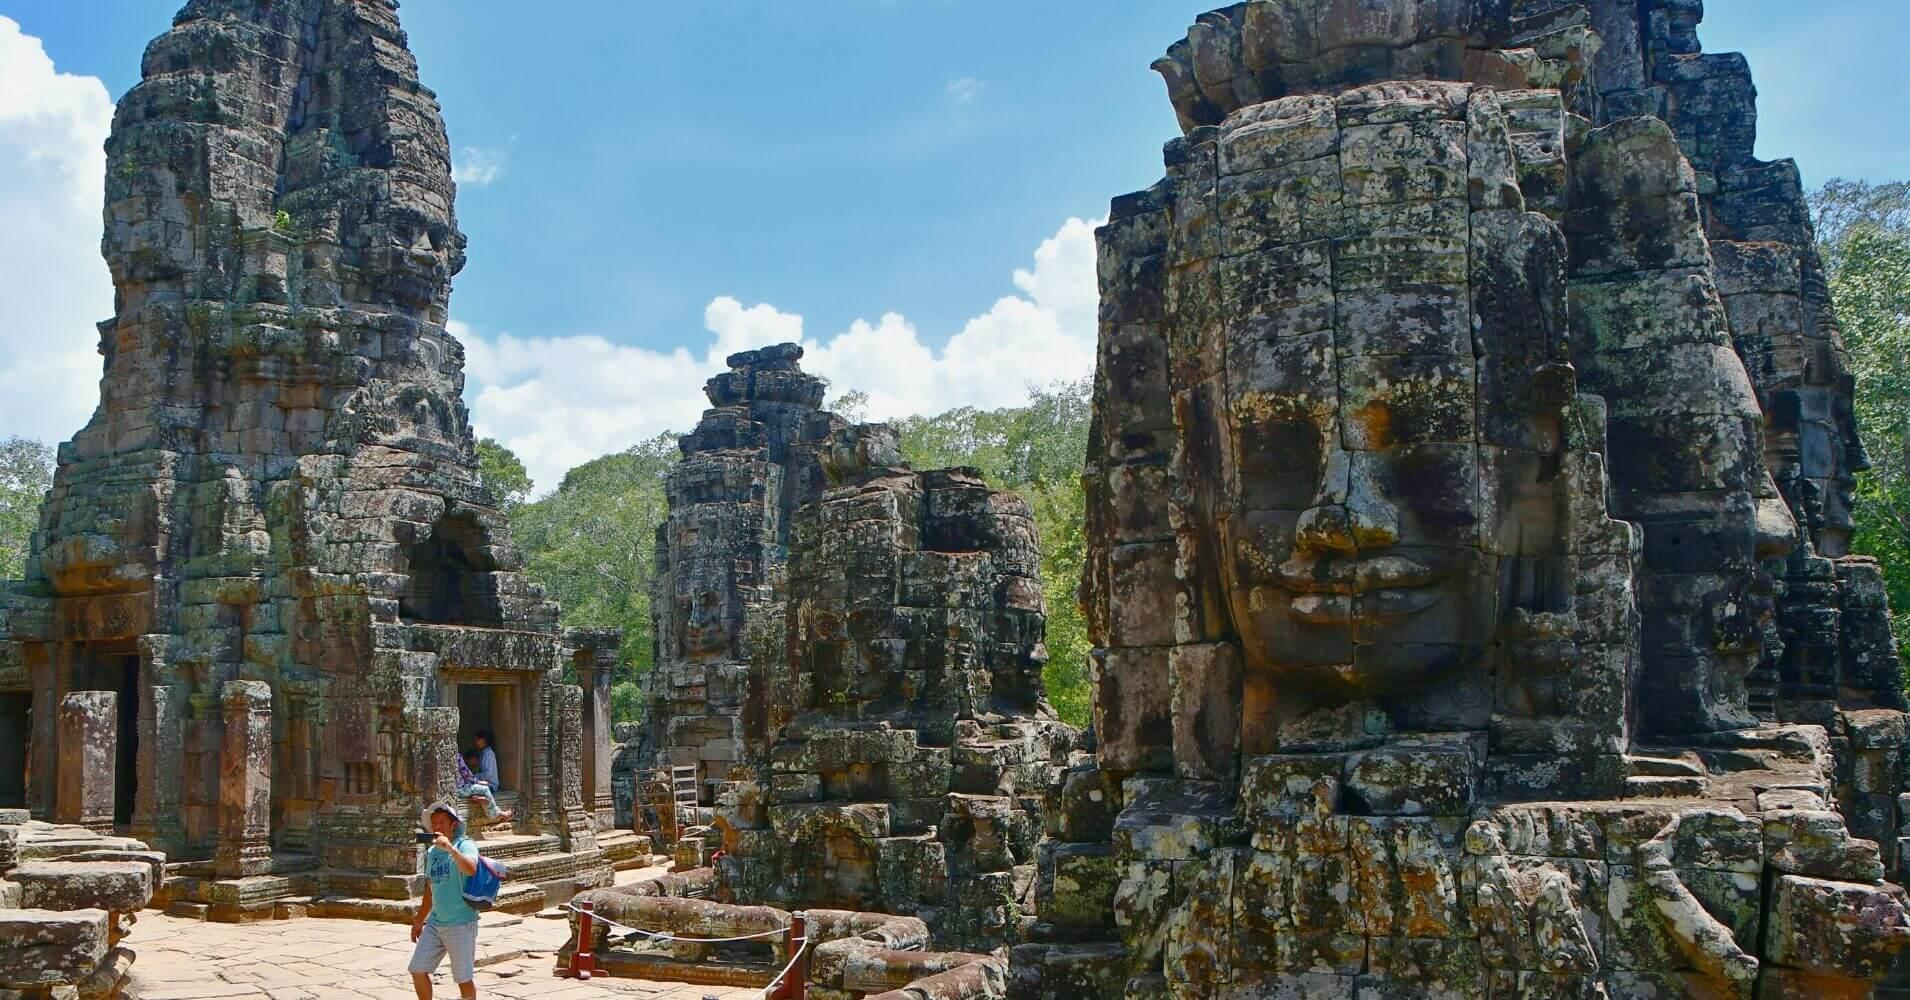 Templo de Bayón, el Templo de las Caras. Siem Reap. Camboya.